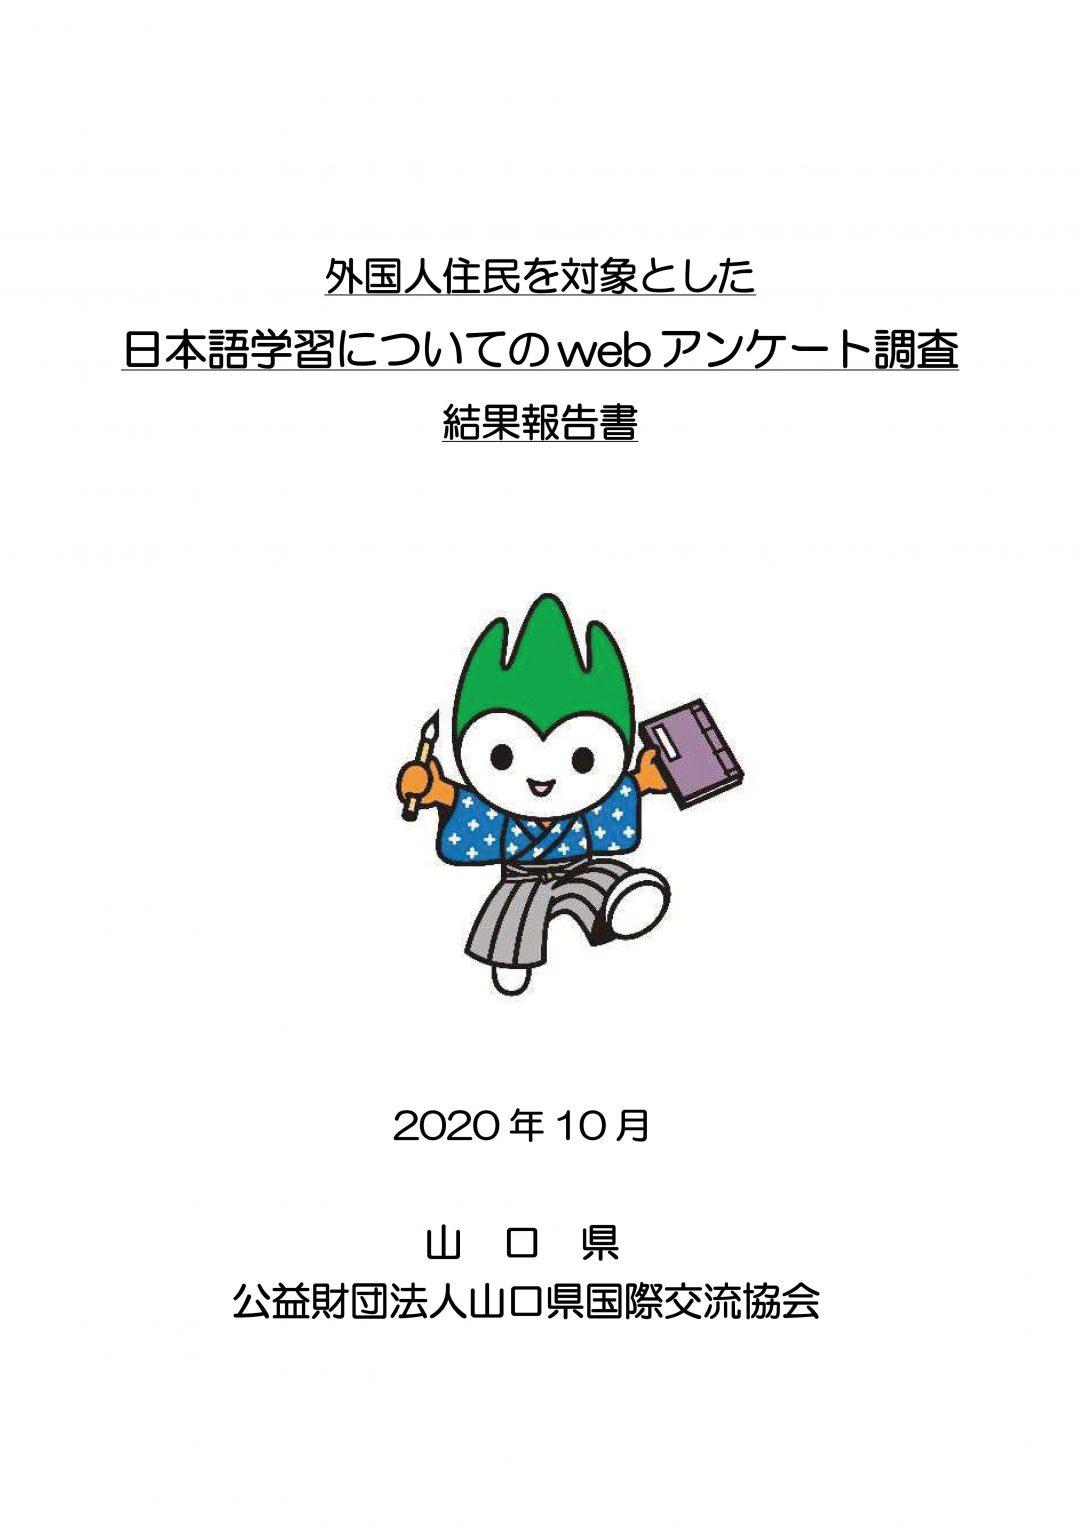 画像:外国人住民を対象とした日本語学習についてのWEBアンケート調査を実施しました!